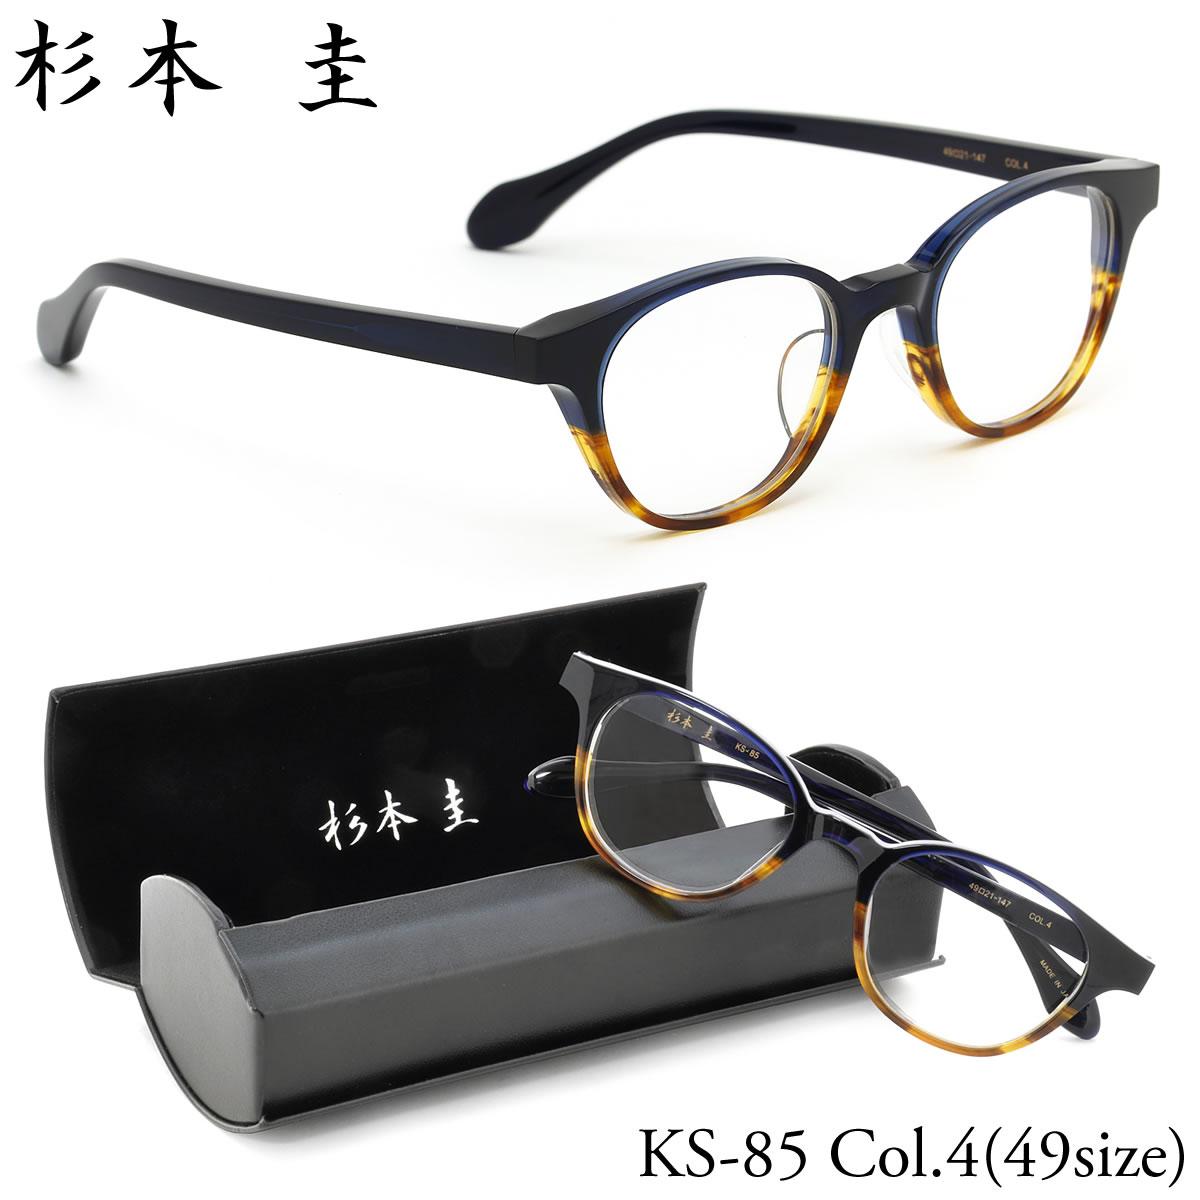 ほぼ全品ポイント15倍~最大43倍+3倍!お得なクーポンも! 【杉本圭】(スギモトケイ) メガネ フレーム KS-85 4 49サイズ ボストン 日本製 スギモトケイ 杉本圭 SUGIMOTO KEI メンズ レディース